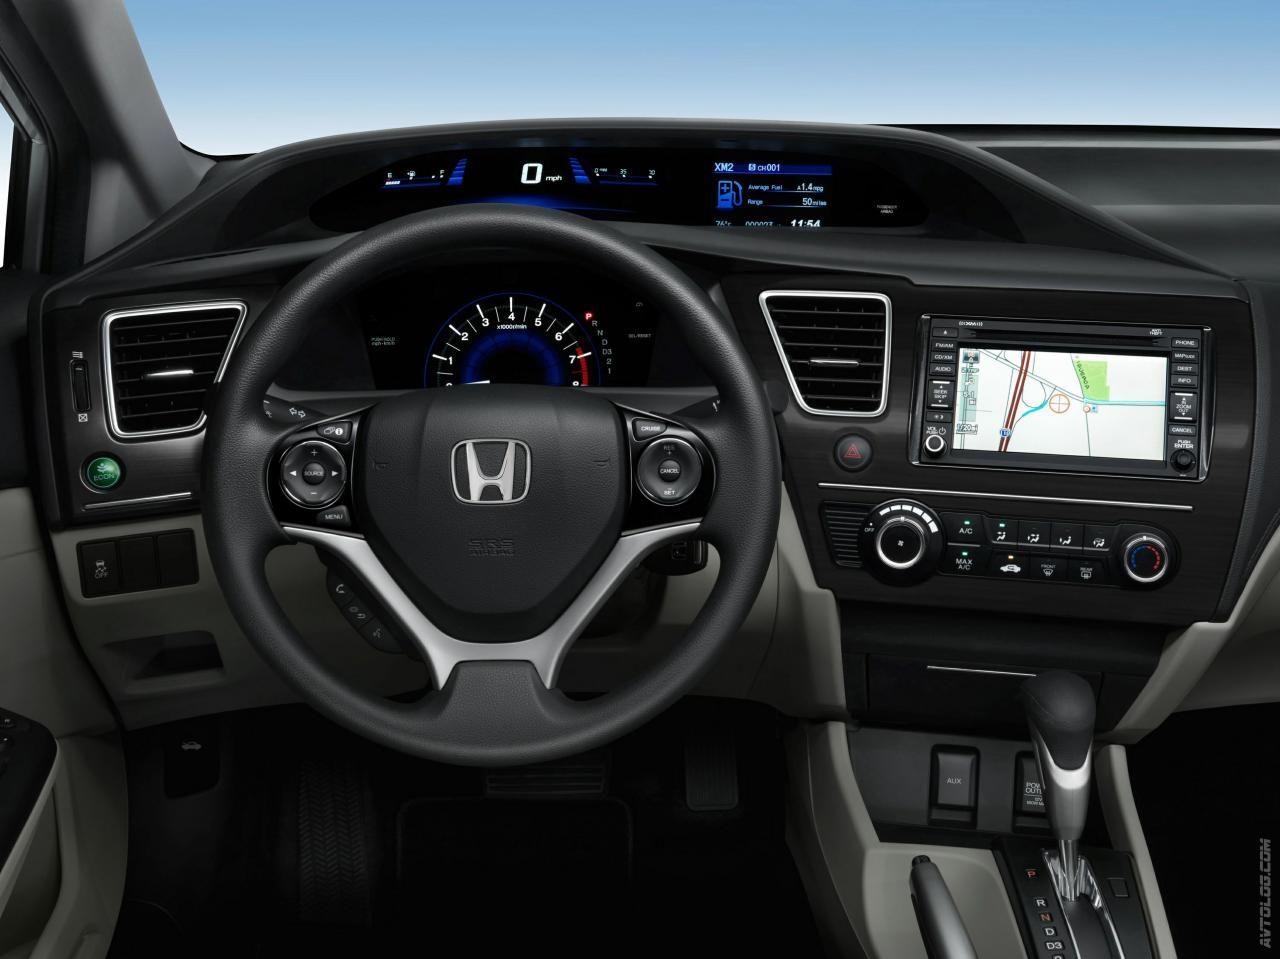 Charmant Vehicle · 2013 Honda Civic Sedan